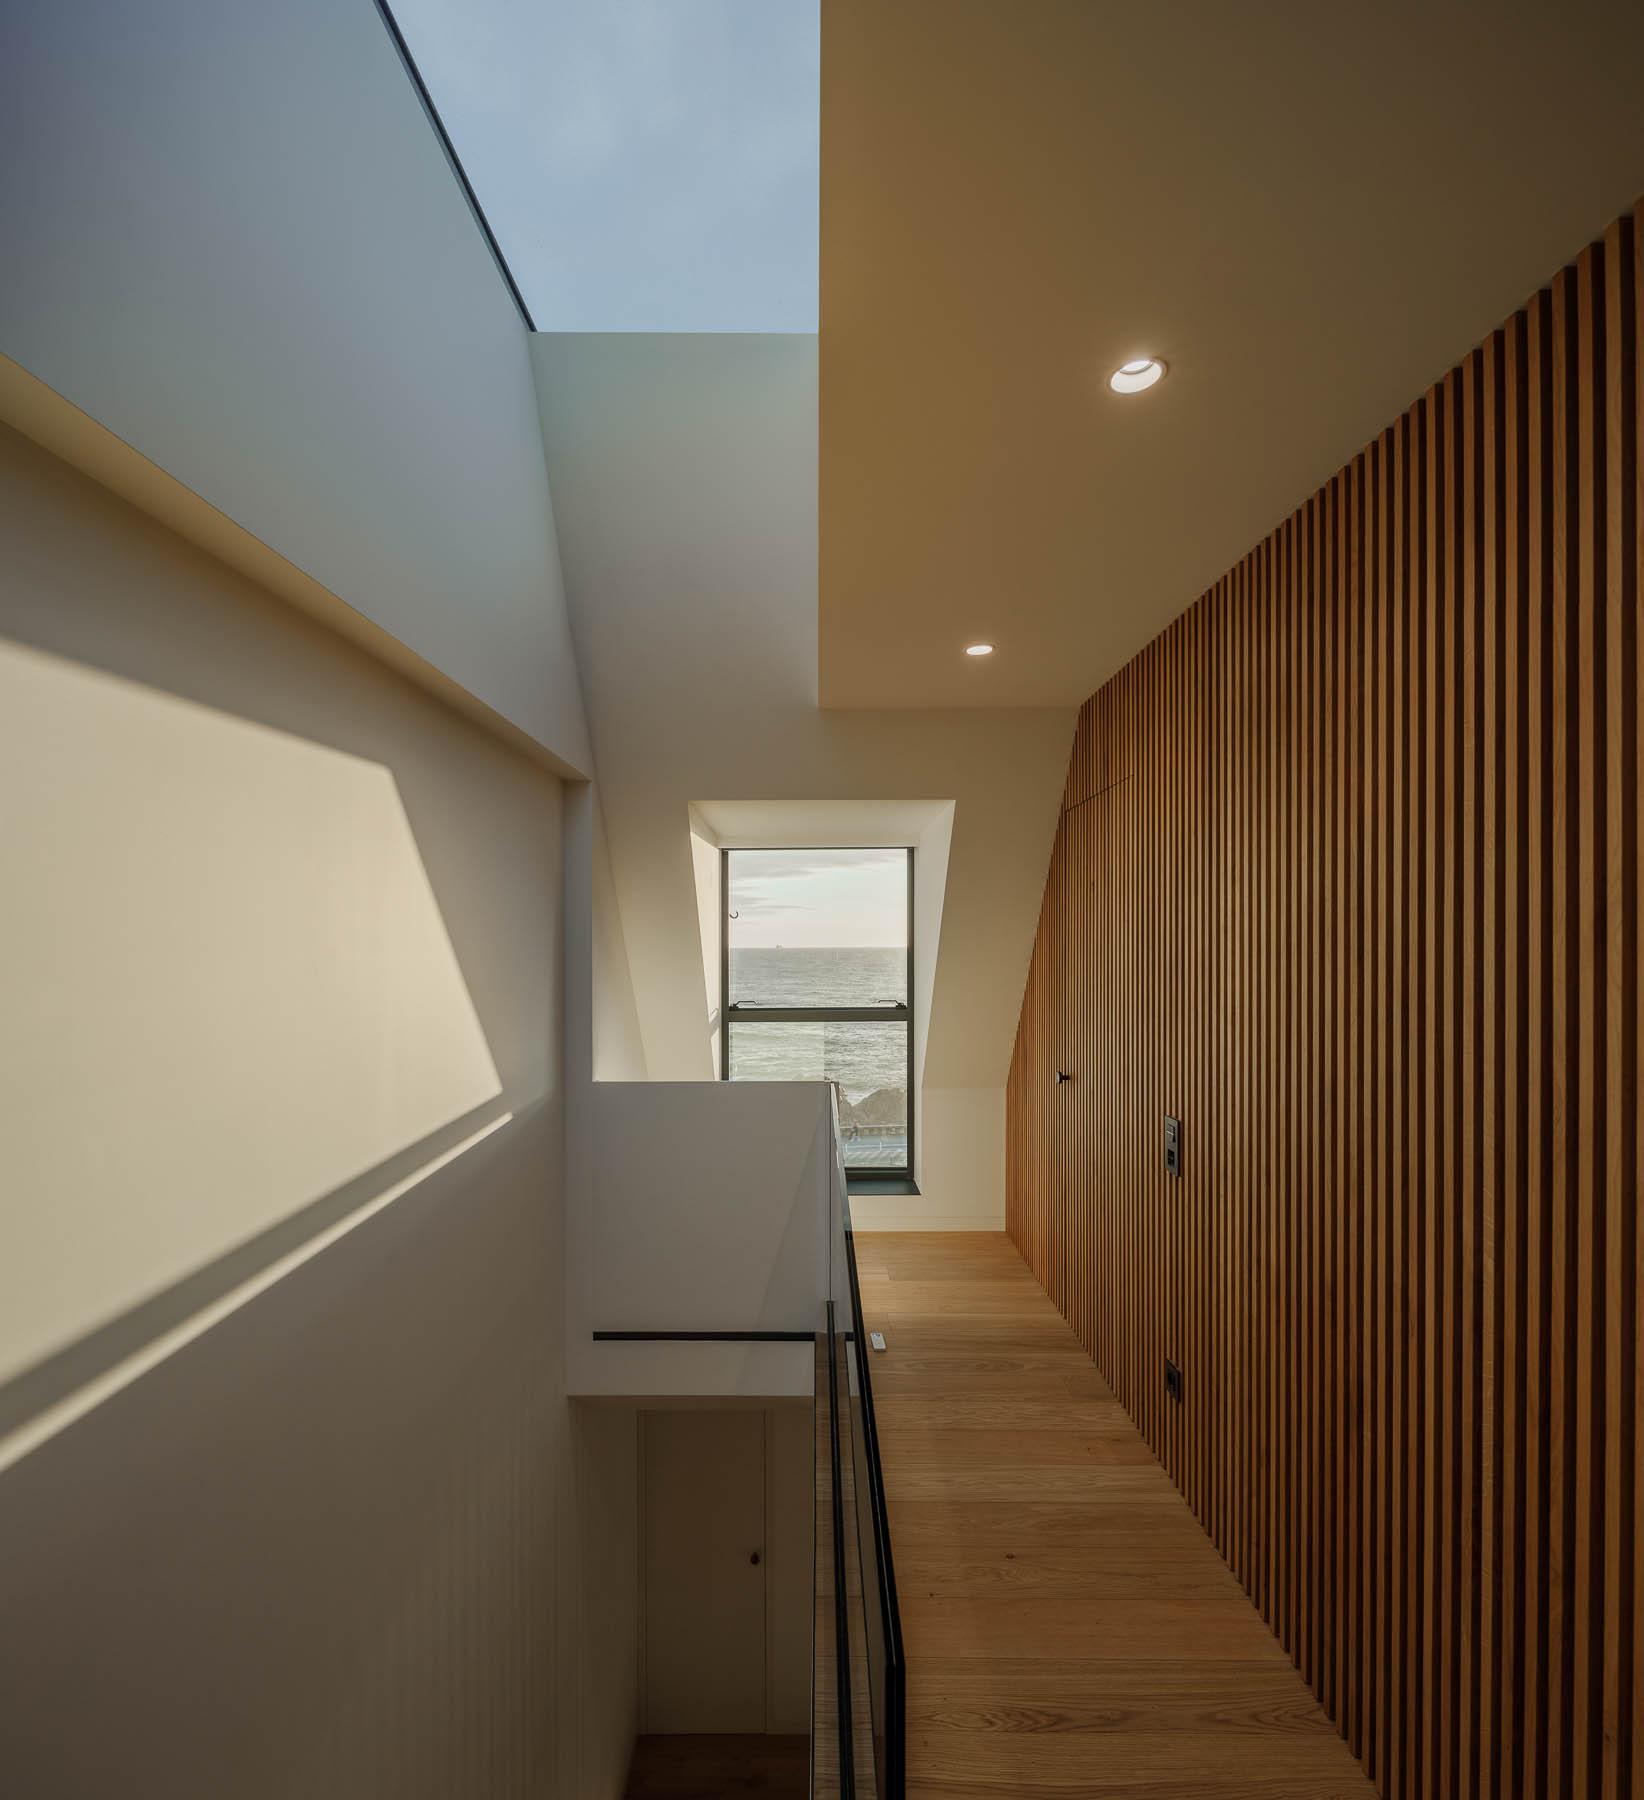 Edificio Multifamiliar Sr da Luz. no Porto do Atelier AS Arquite